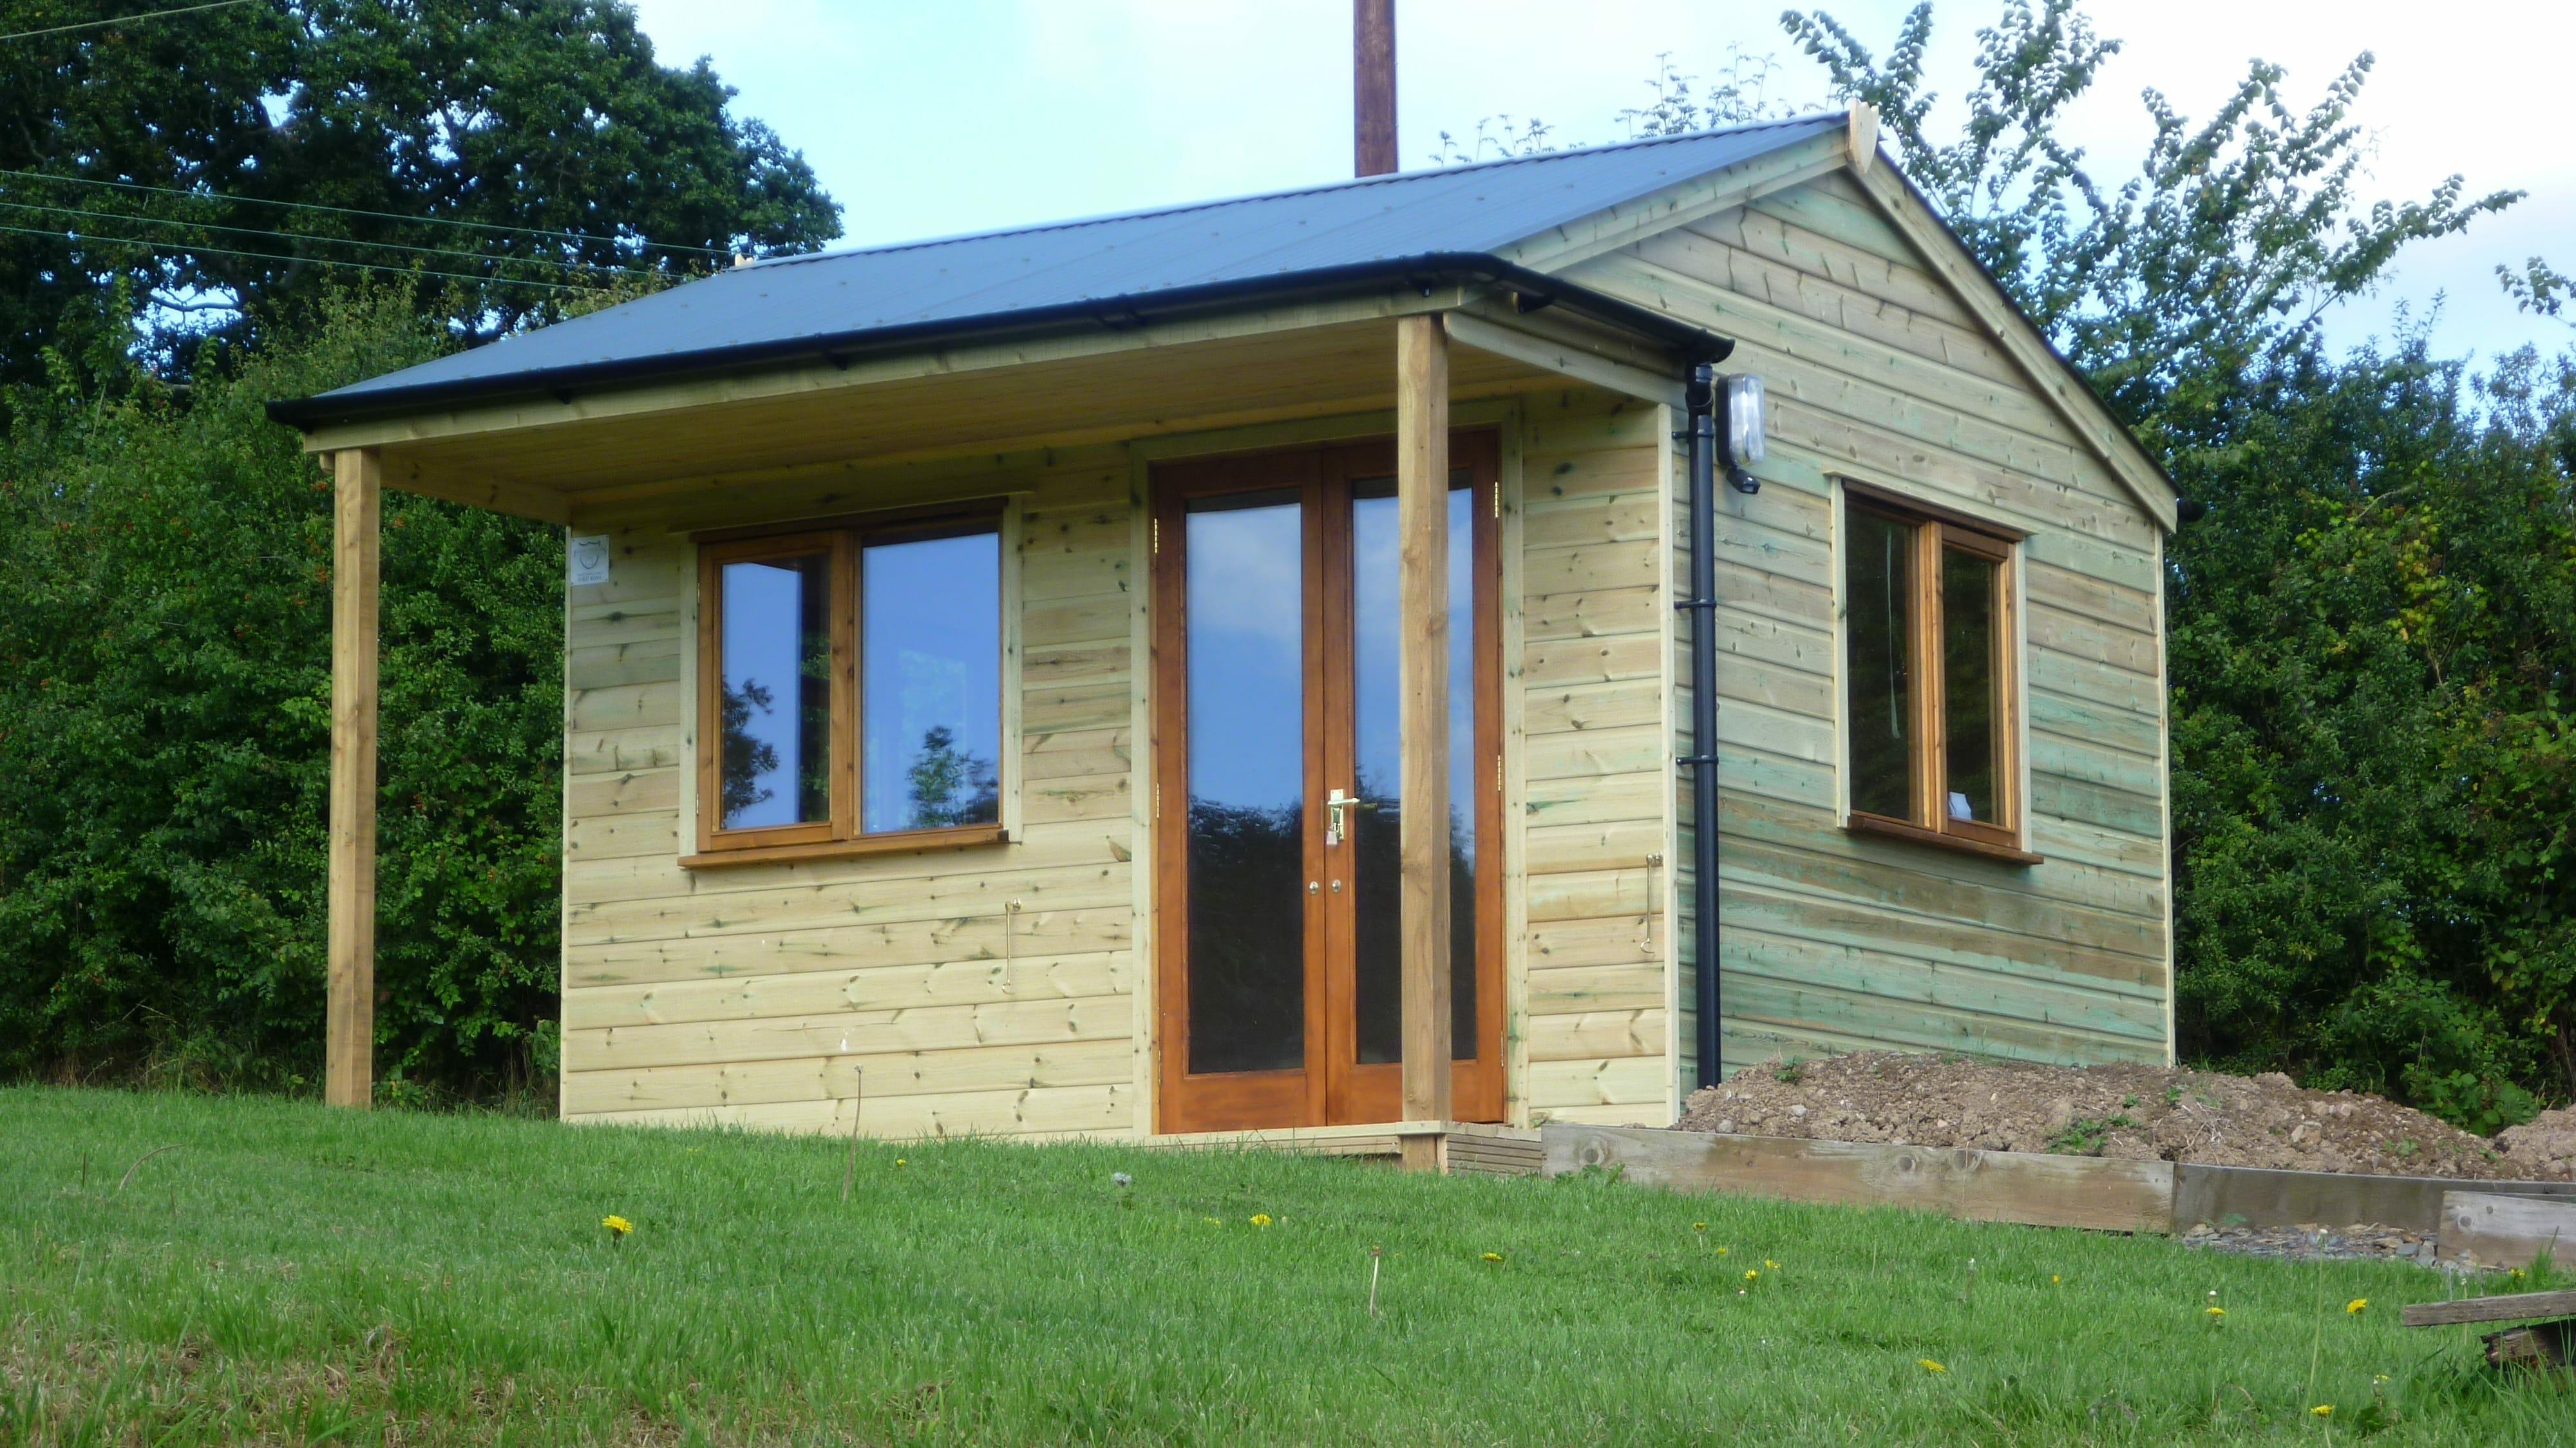 Garden building with double doors and veranda